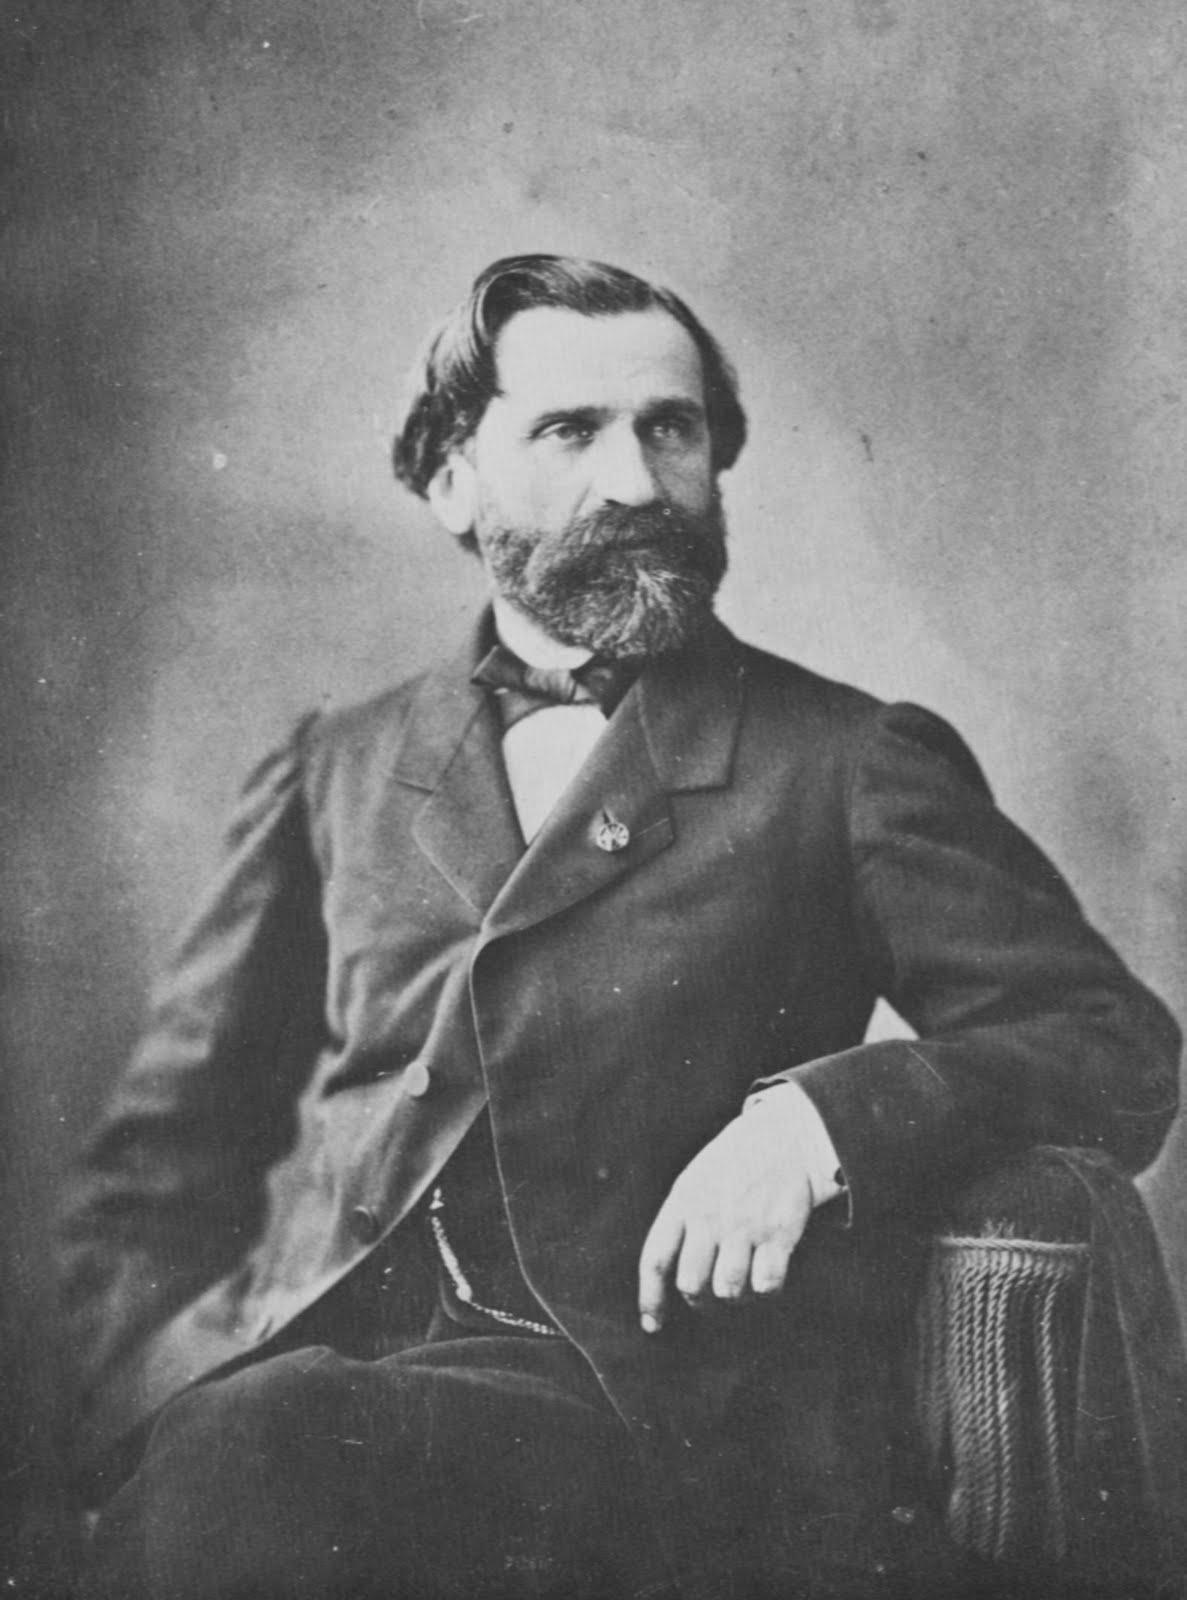 giuseppe verdi Giuseppe fortunino francesco verdi (le roncole, 1813 október 10 – milánó, 1901 január 27) a 19 század olasz zeneszerzője volt, az opera műfajának kimagasló egyénisége.